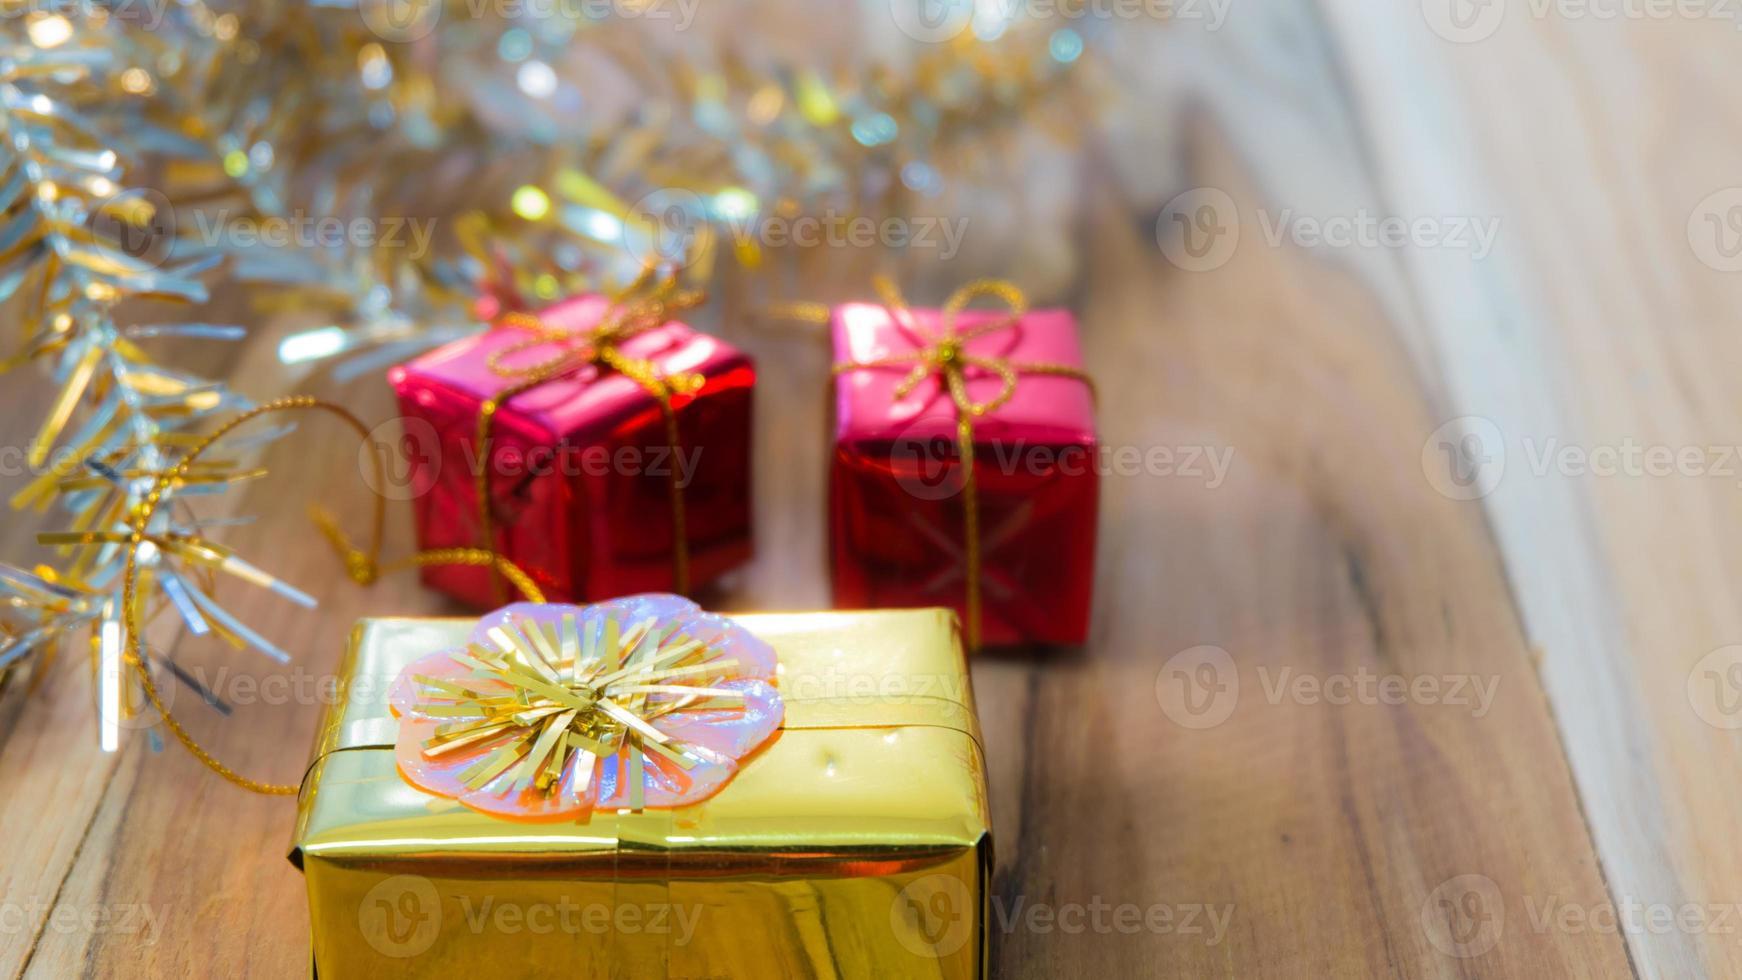 jul och nyårs presentask bakgrund på ett trä. foto